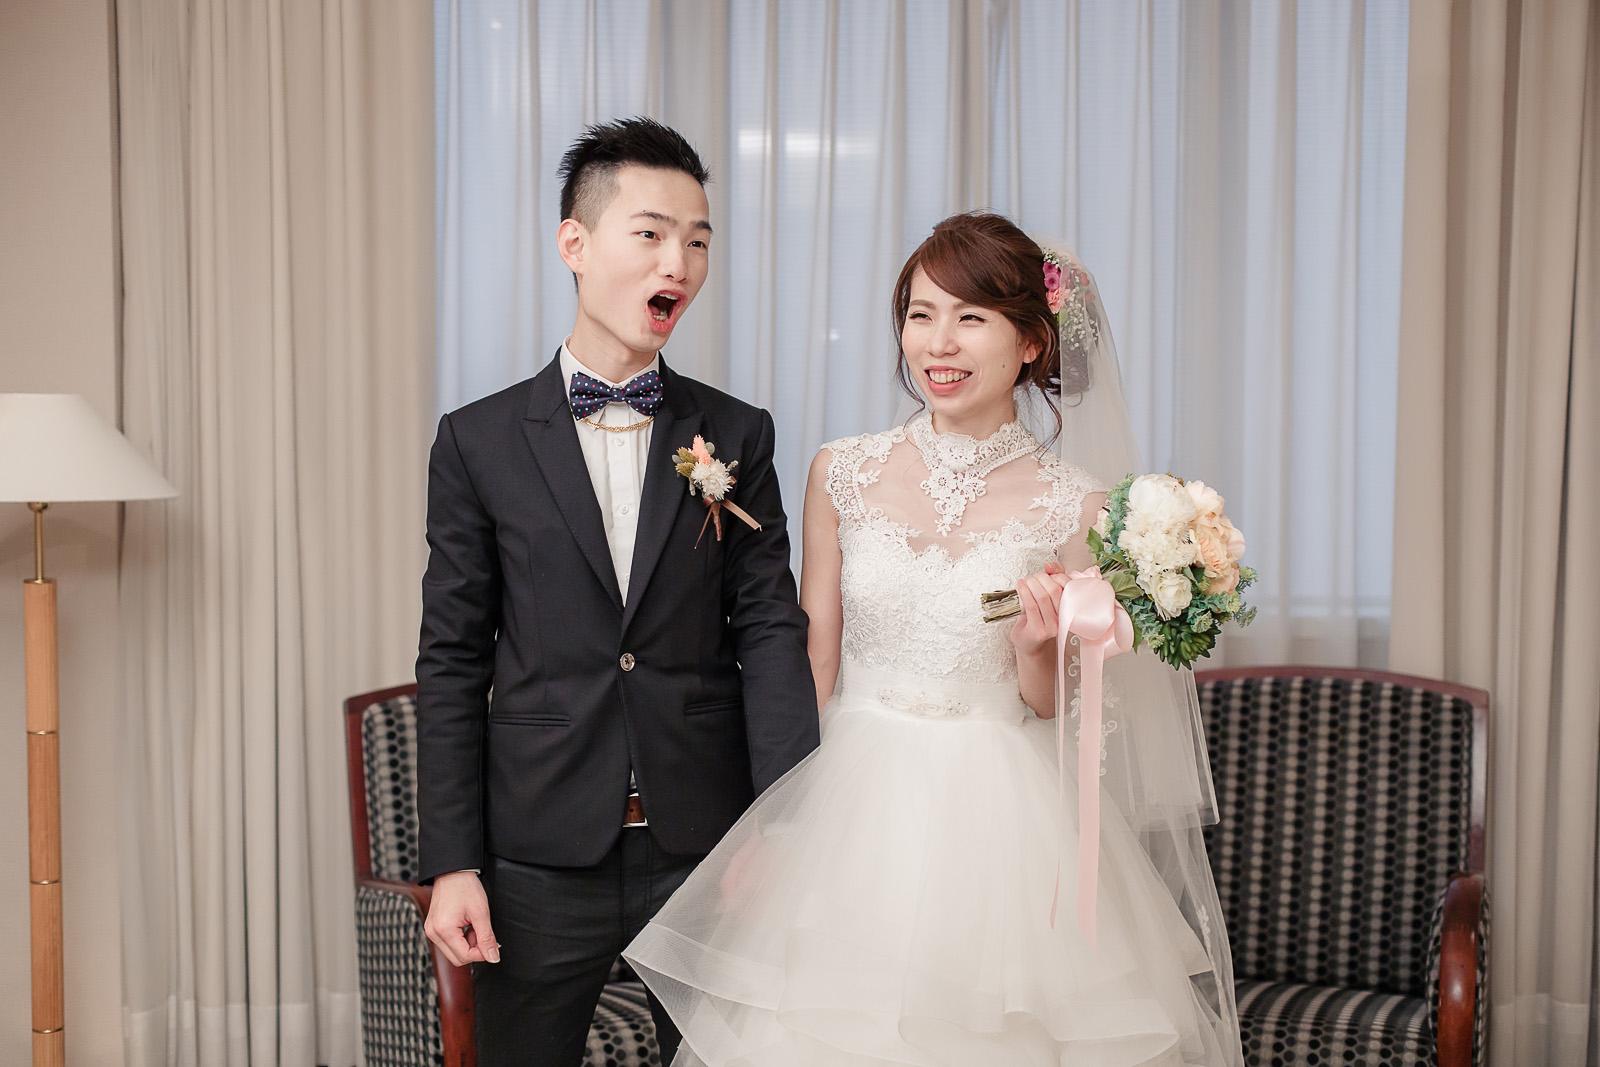 高雄圓山飯店,婚禮攝影,婚攝,高雄婚攝,優質婚攝推薦,Jen&Ethan-141